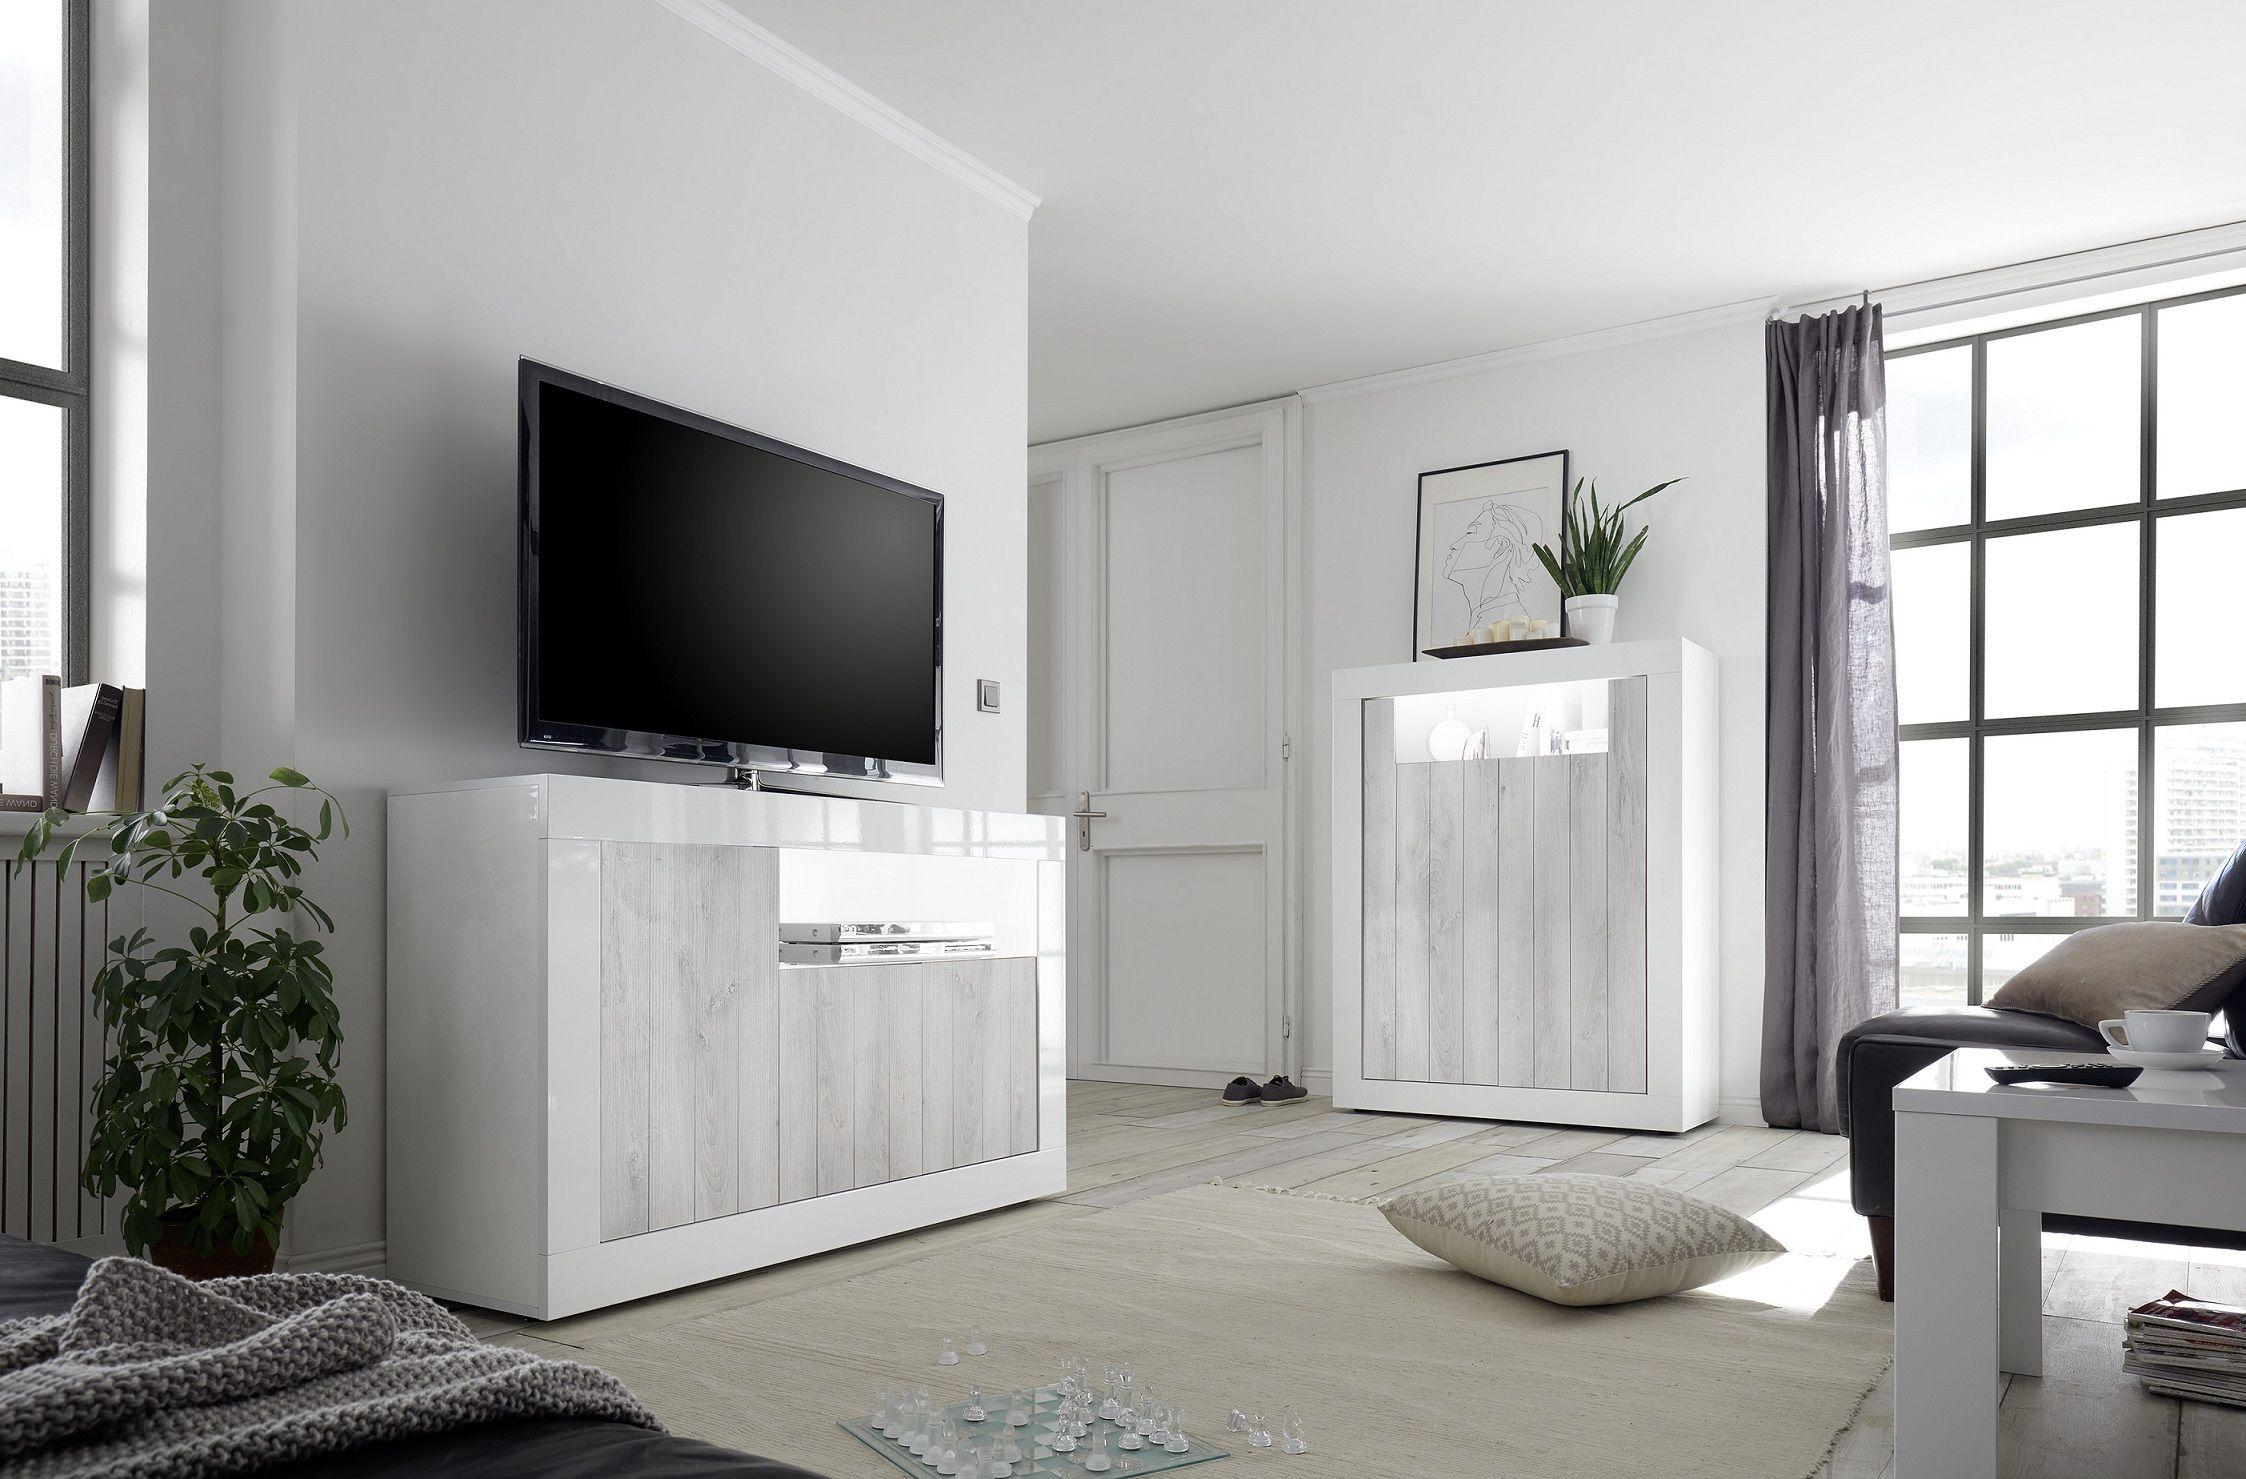 Sideboard Tv Möbel Leonello Pinie Weiß Lc Mobili Möbel Zeit